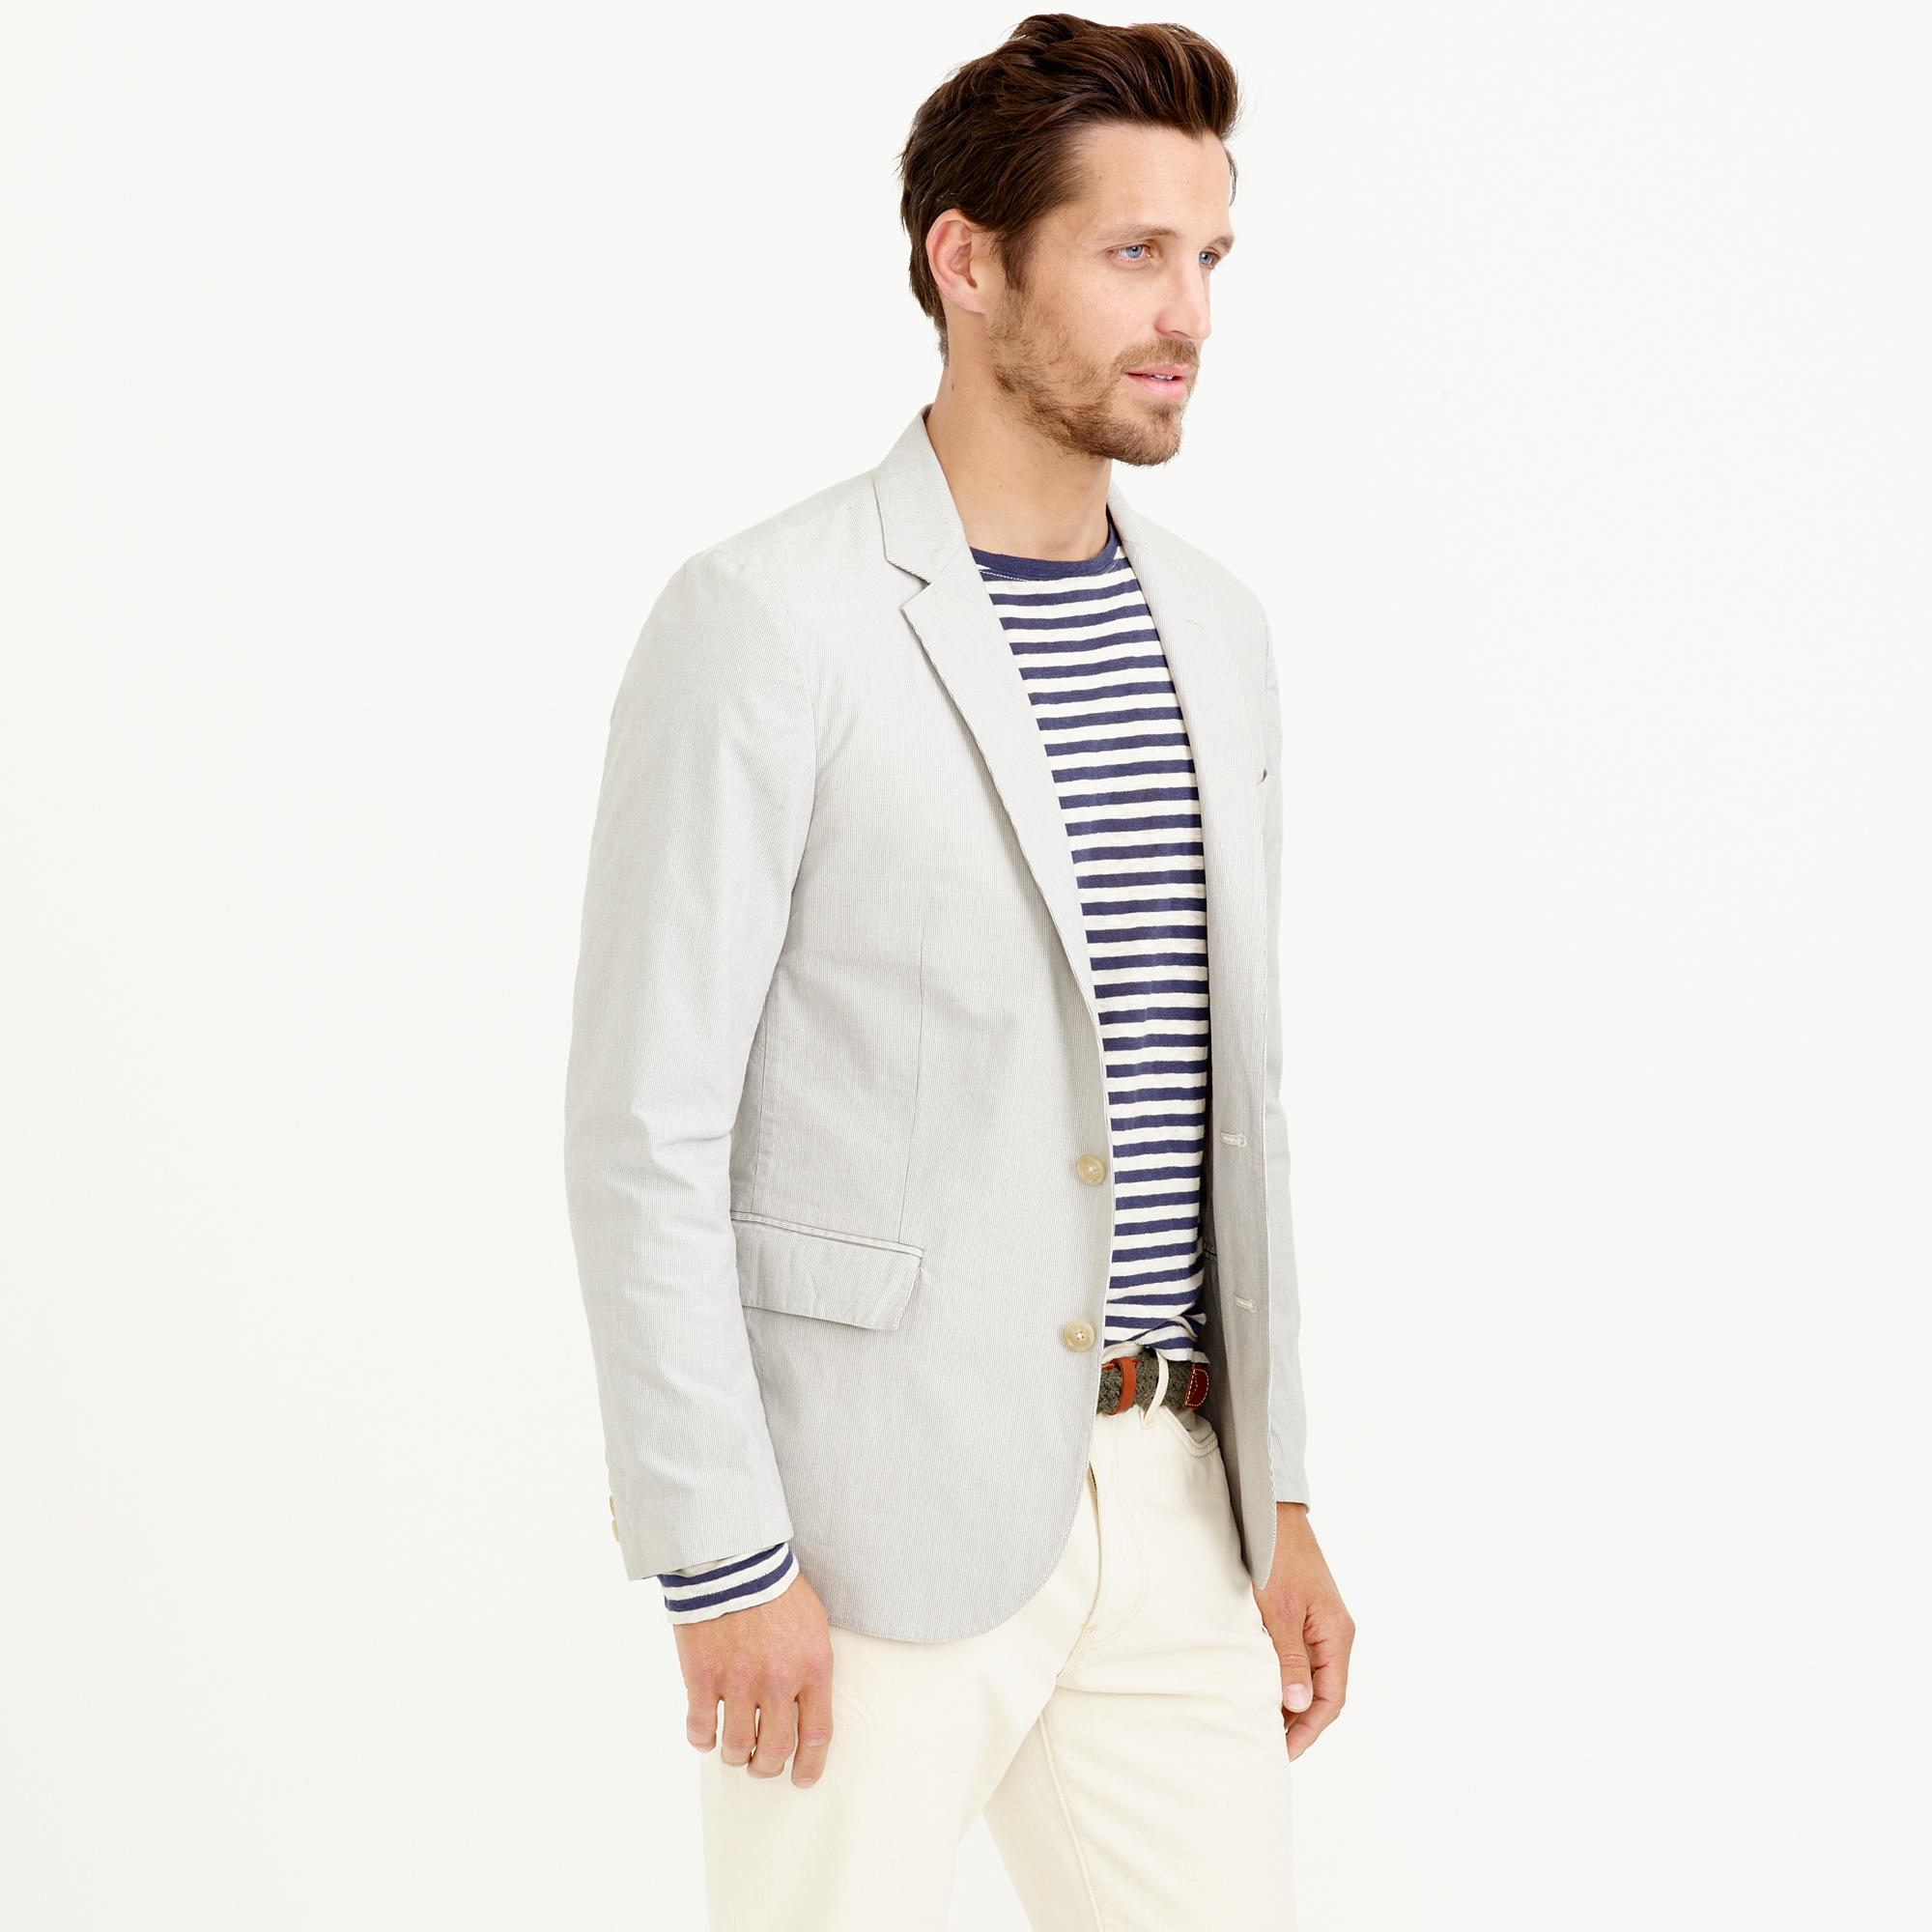 J.crew Ludlow Sportcoat In Fine-striped Cotton in Gray for Men   Lyst